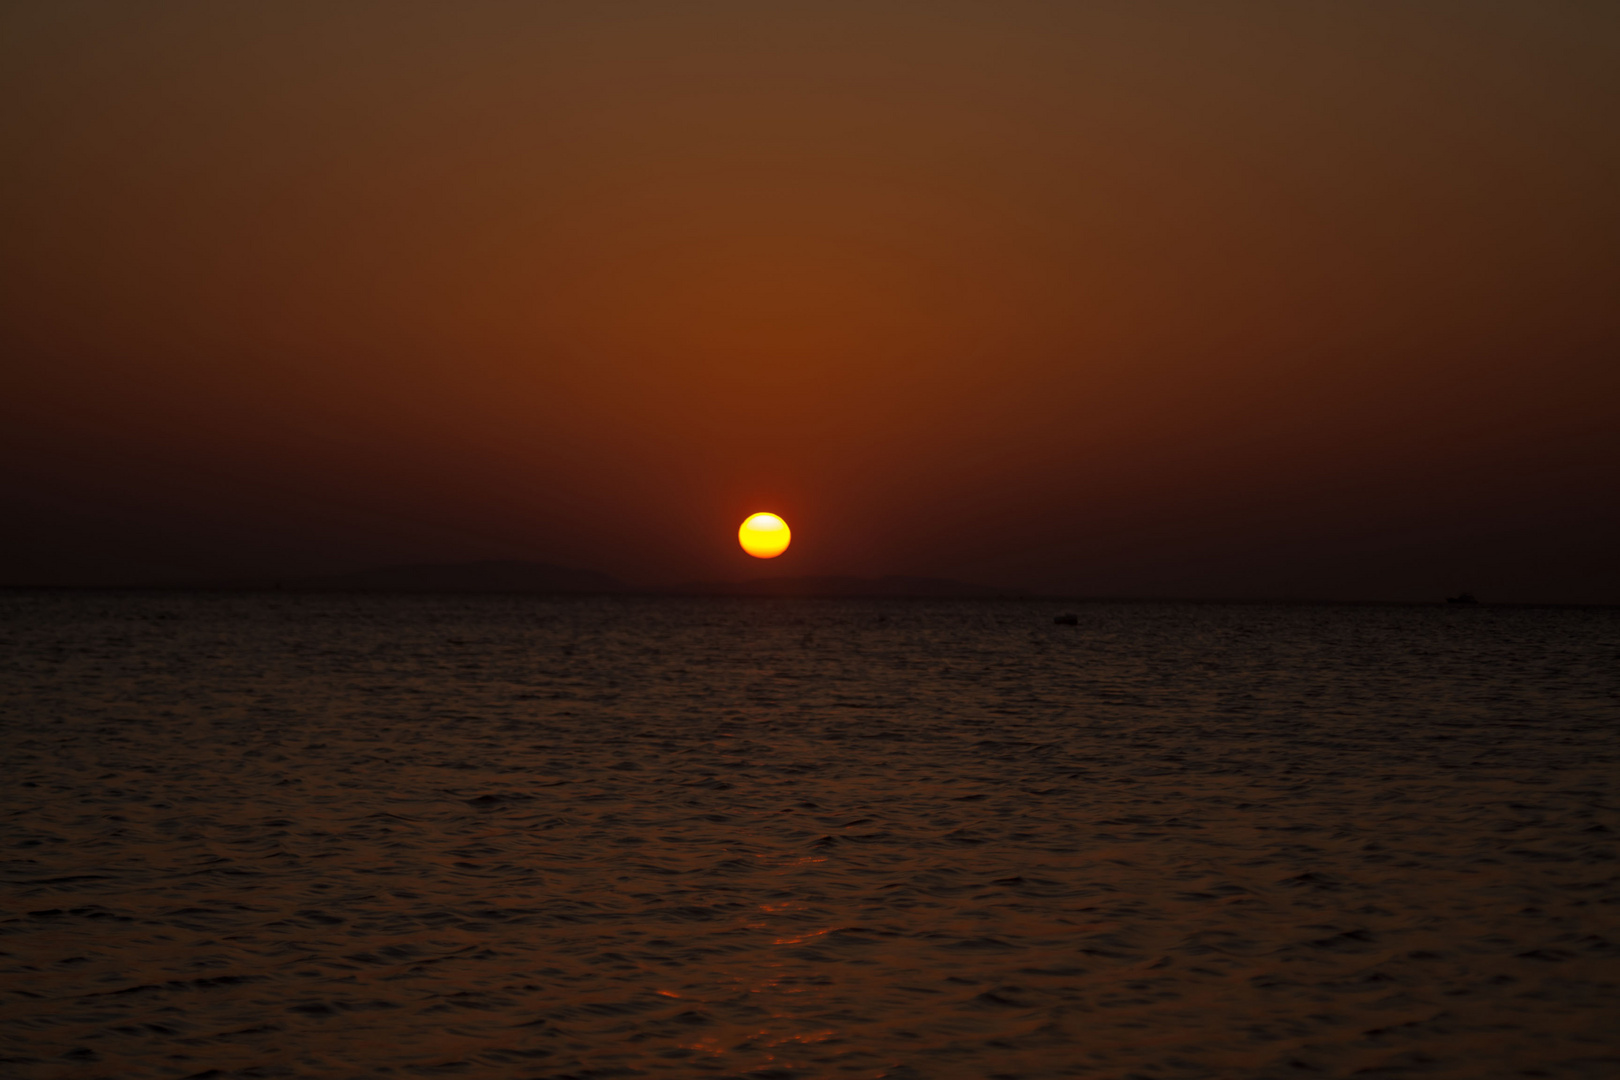 Sonnenaufgang in Hurghada am Roten Meer